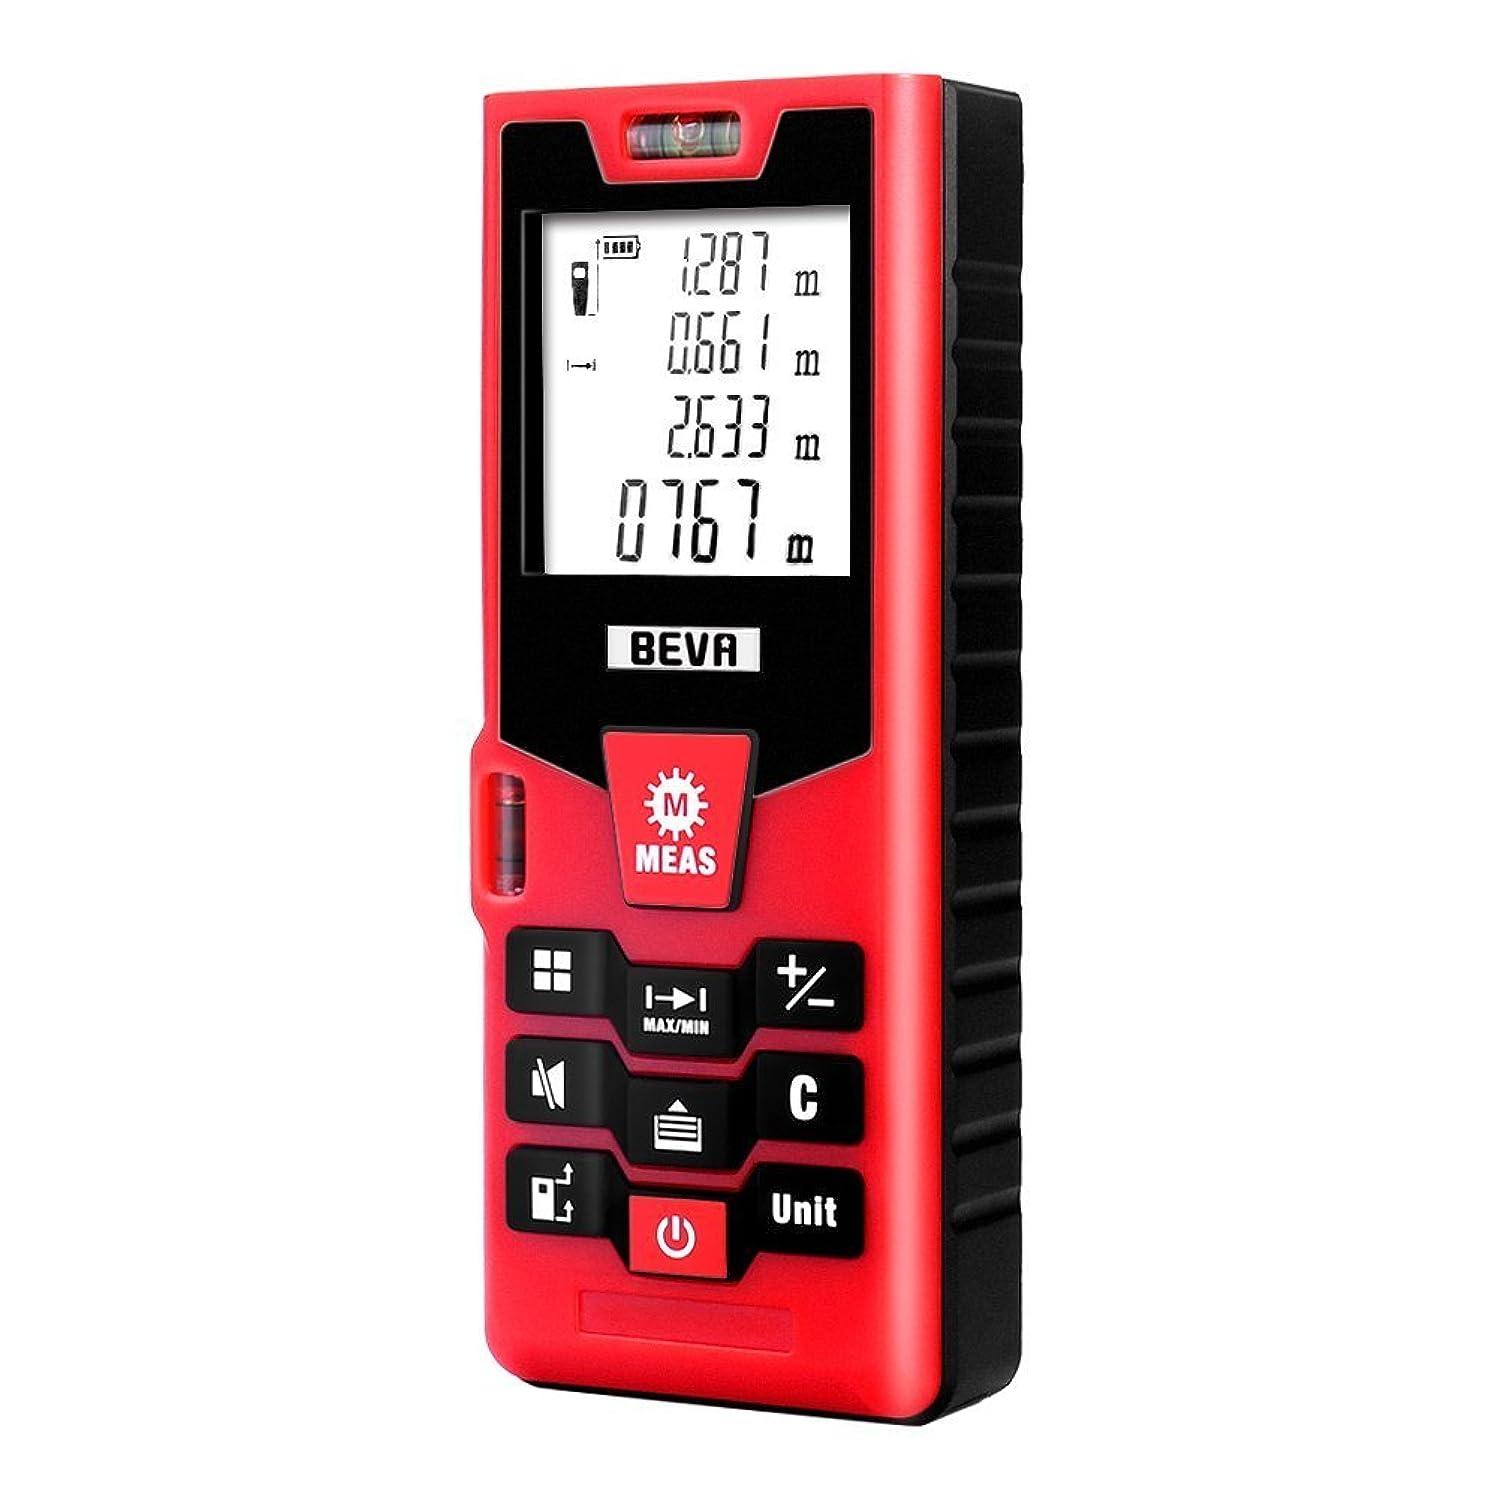 社会シャー分数BEVA レーザー距離計 最大測定距離40m 軽量型距離測定器 距離測定 LCDデジタル表示 距離/面積/容積/ピタゴラス間接測定 (40m)